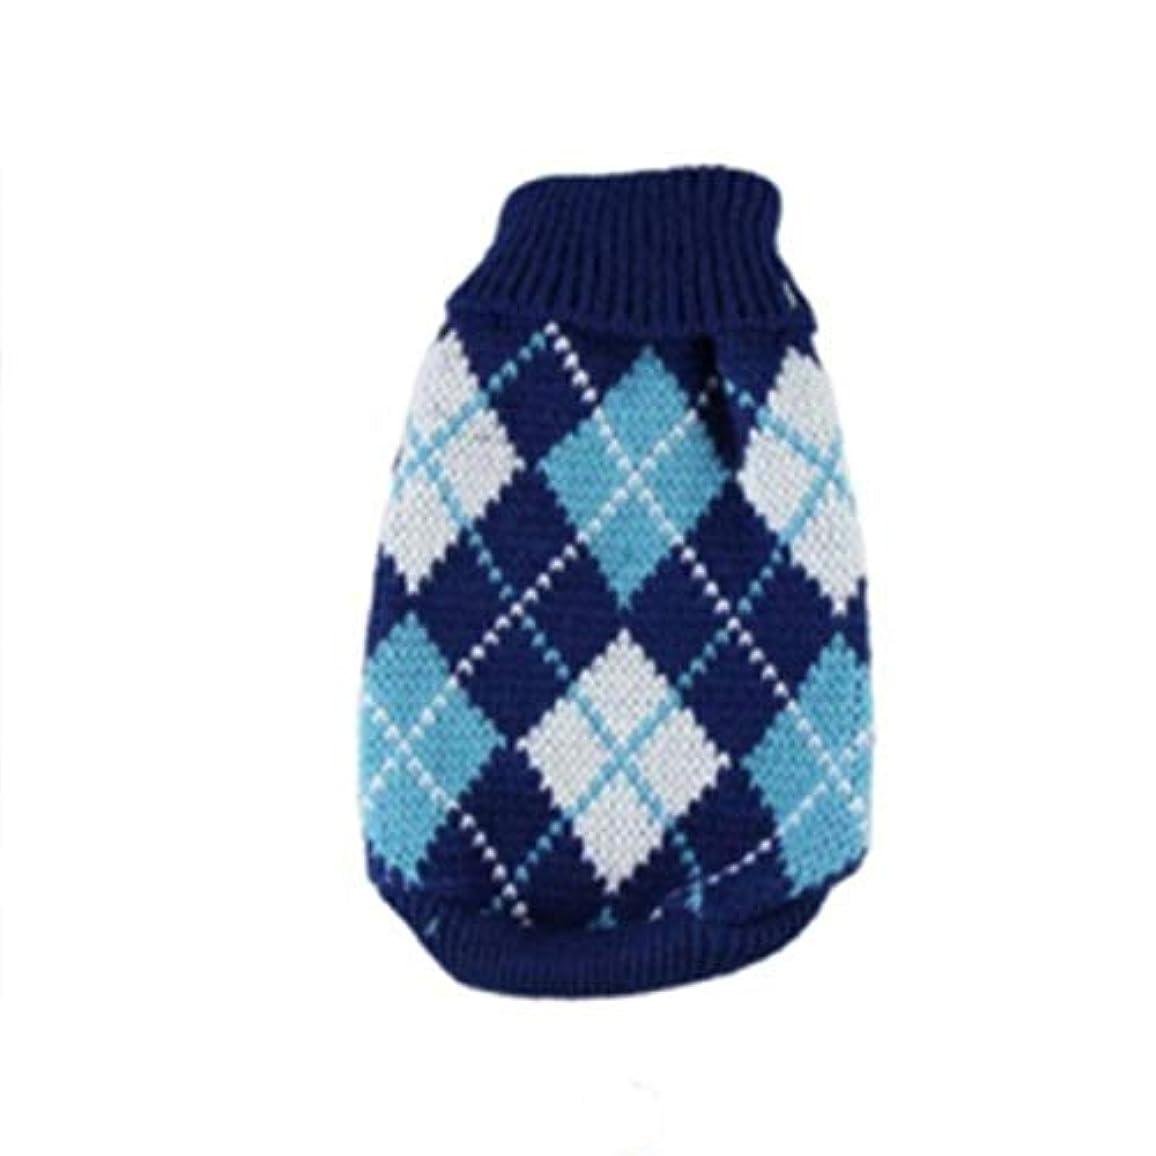 気晴らし議論する農奴Saikogoods 軽量ペットの暖かいセーターユニバーサル犬服ファッションソフト犬服ハイカラー快適なペットのコート 青 XS